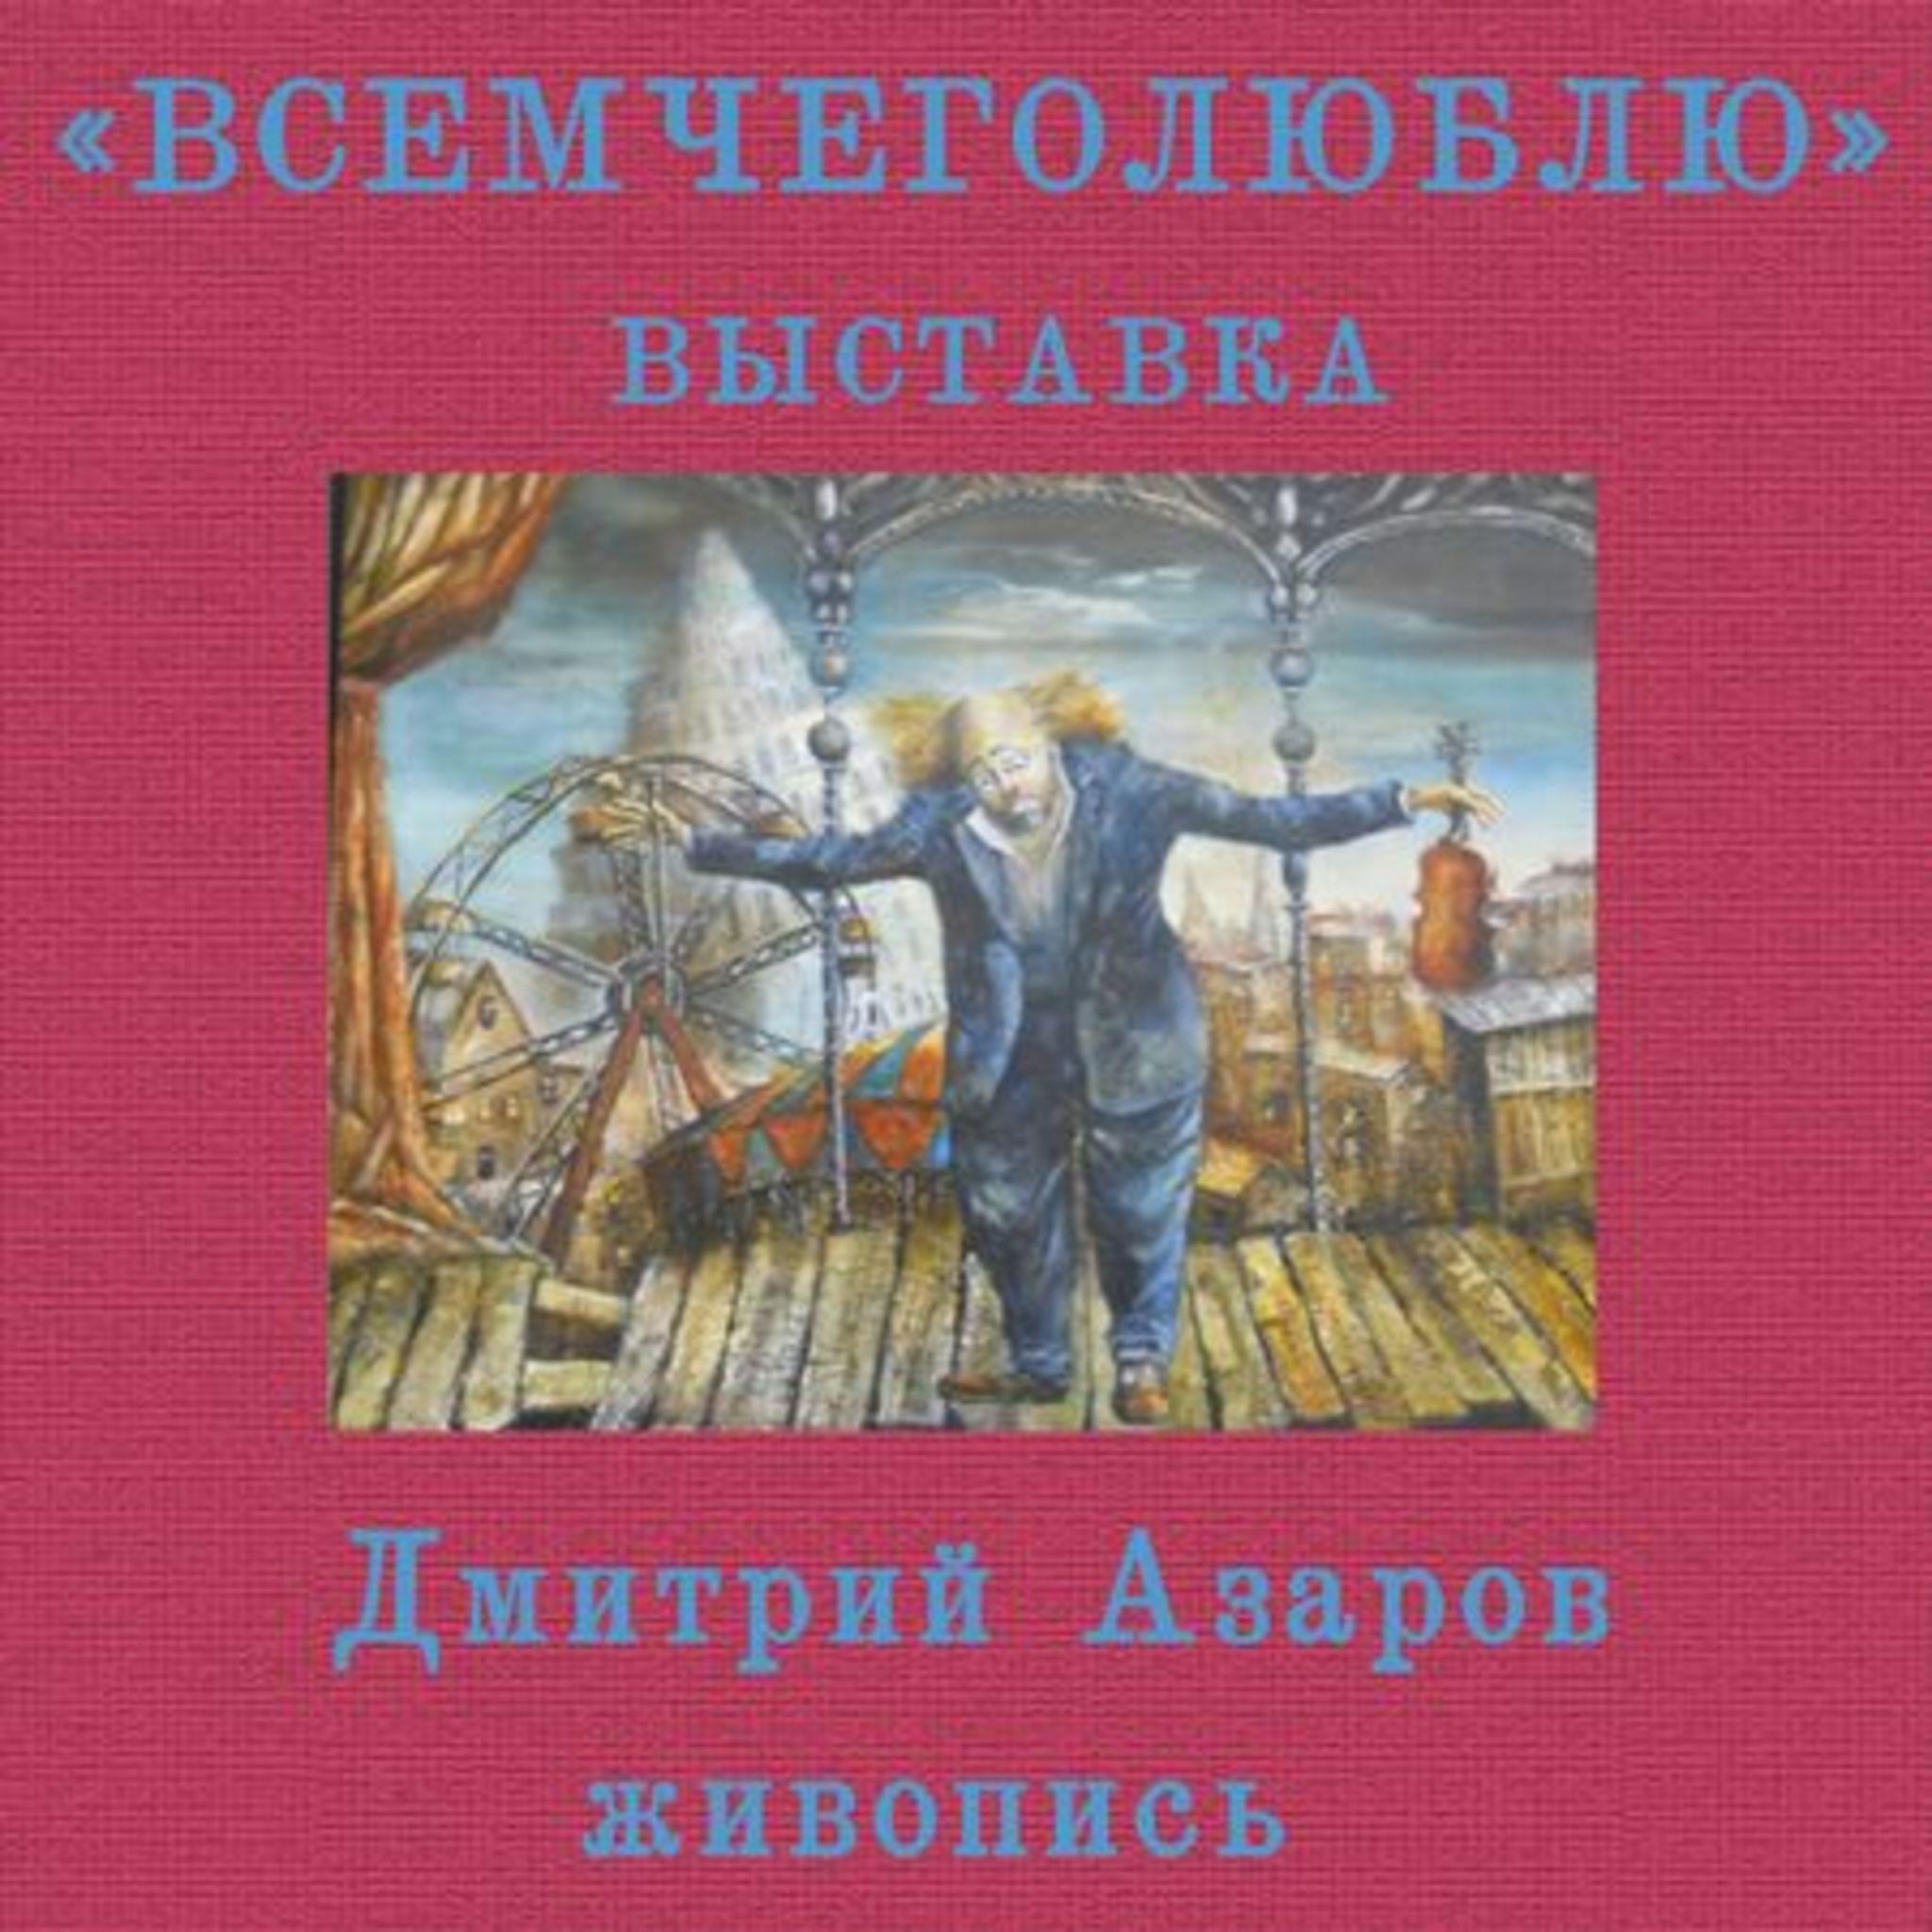 Выставка живописи Дмитрия Азарова «Всемчеголюблю»